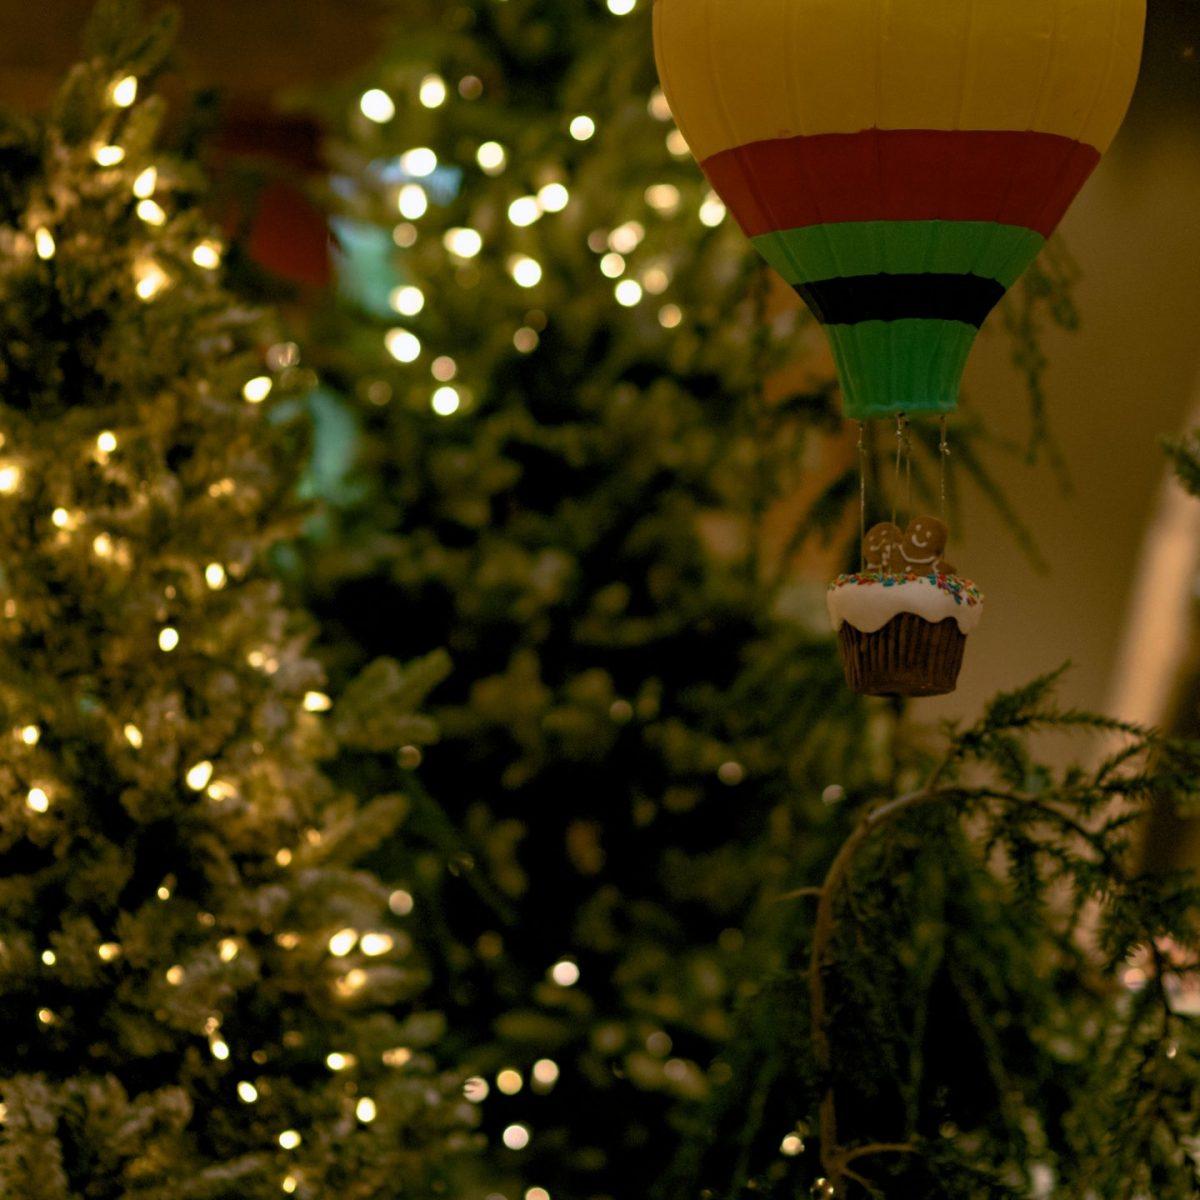 Balon na ogrzane powietrze, w gondoli dwa pierniczki, a za nimi świąteczna choinka